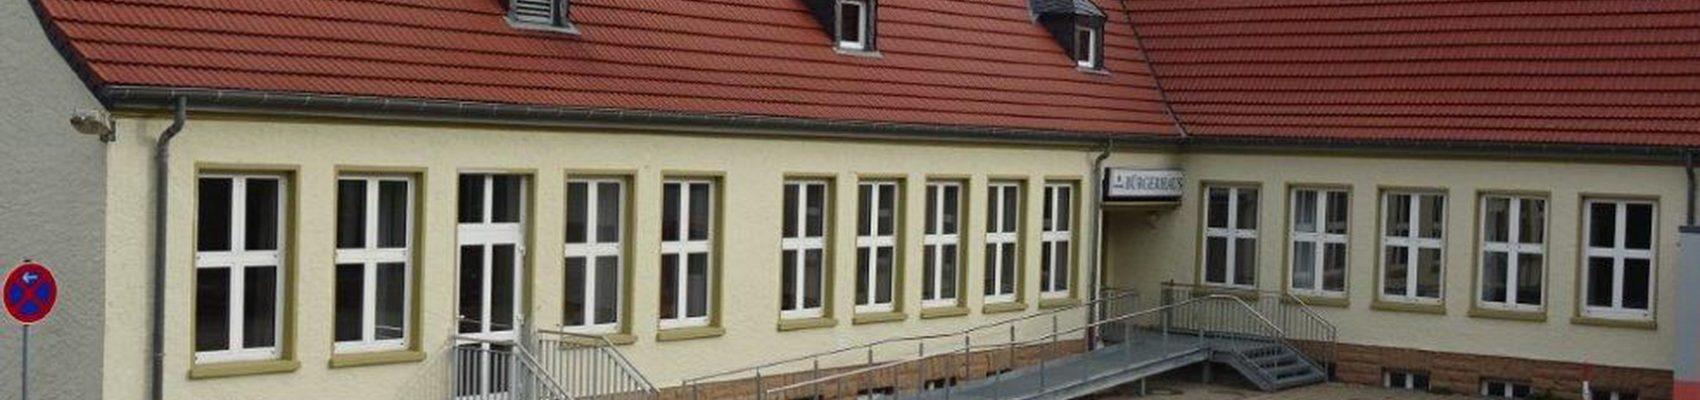 Bürgerhaus Menningen